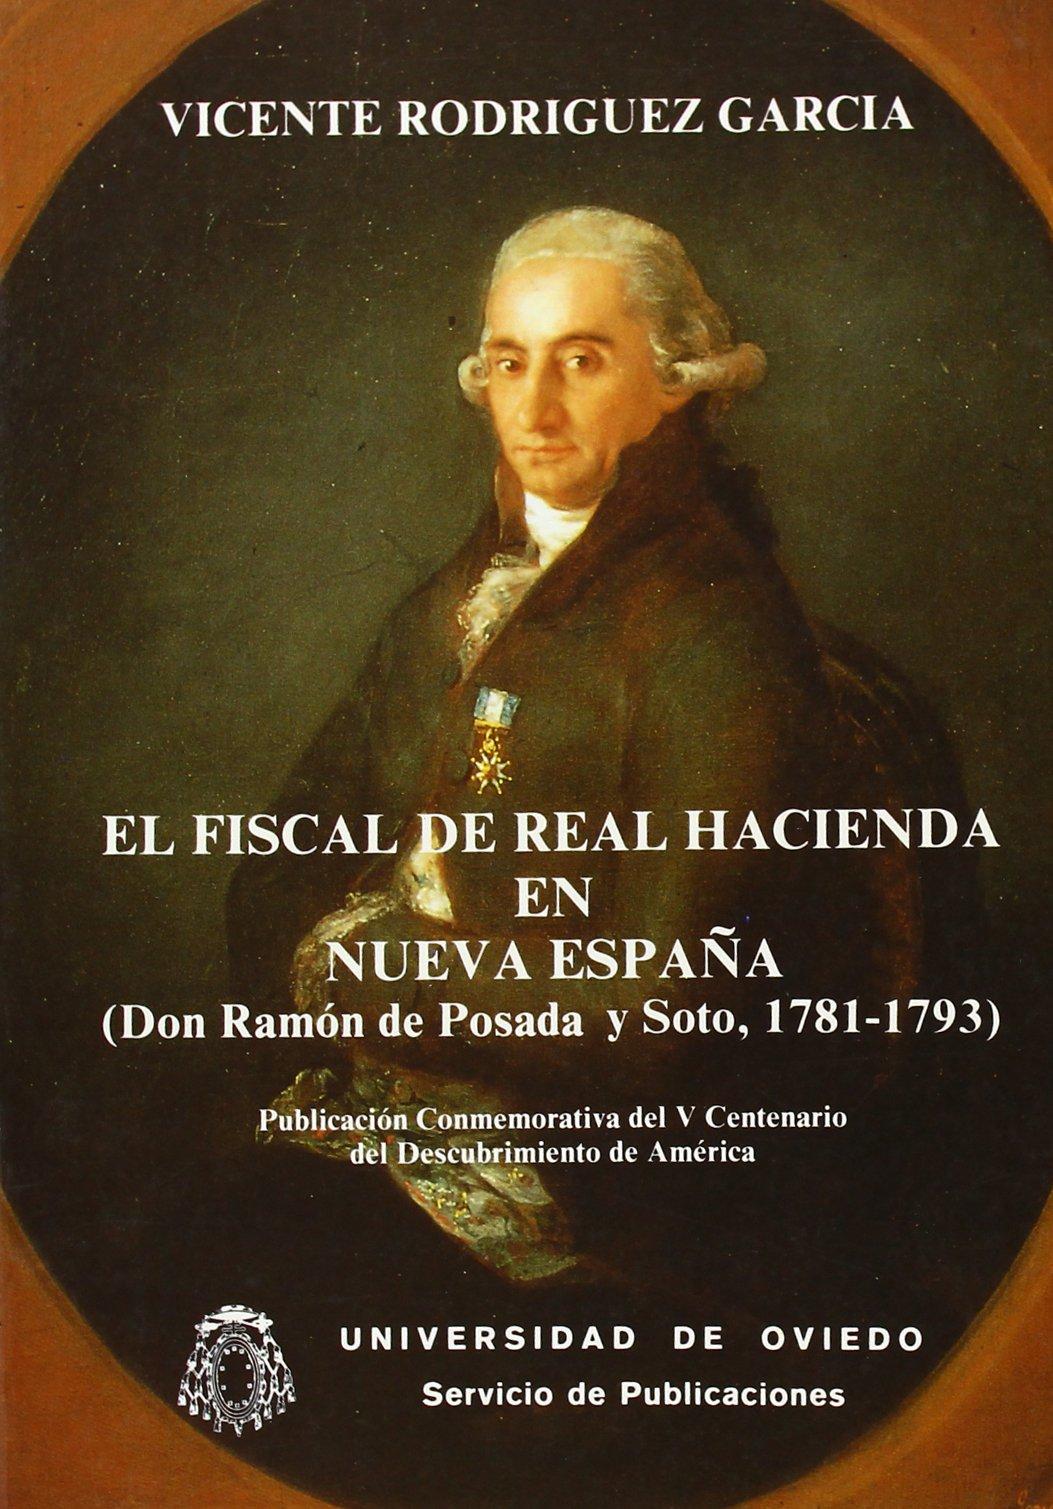 El fiscal de la Real Hacienda en Nueva España. Don Ramón de Posada y Soto 1781-1793: Amazon.es: Rodríguez García, Vicente: Libros